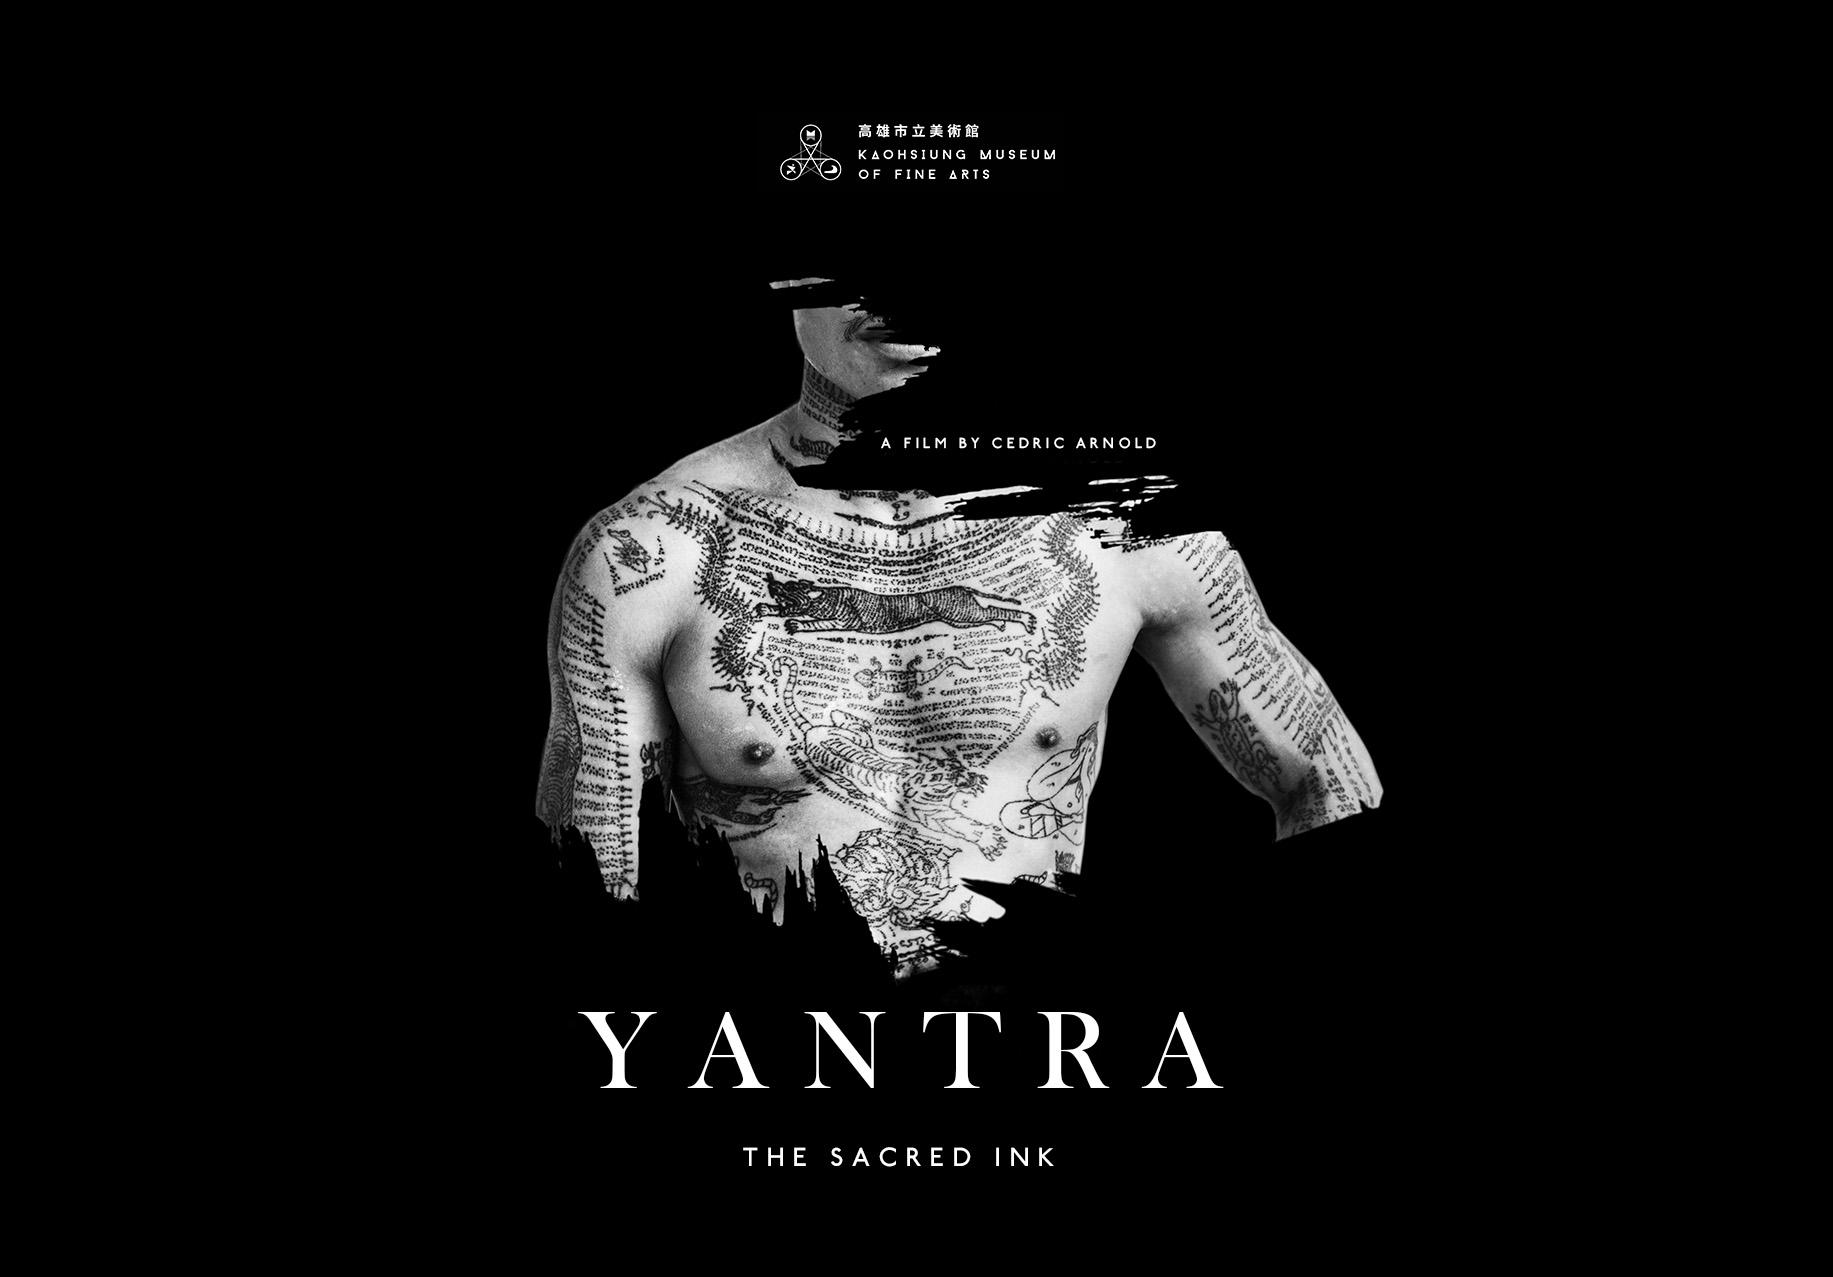 1月18日(六)《YANTRA法術紋墨》影片放映&導演座談